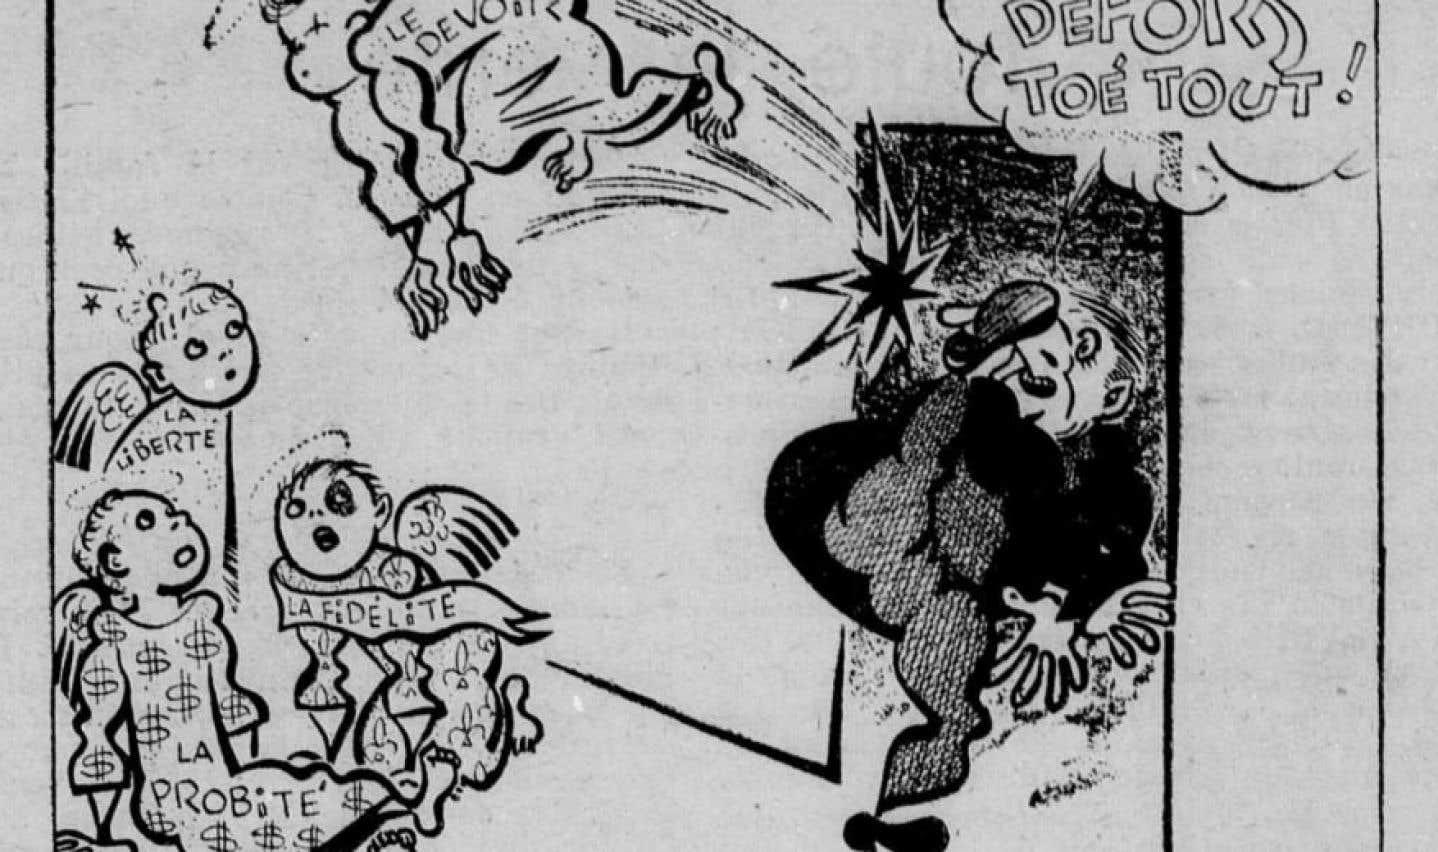 Caricature publiée dans Le Devoir, le 4 juillet 1958. Empêtré dans le scandale du gaz naturel, le premier ministre Maurice Duplessis expulse de son bureau le journaliste du Devoir Guy Lamarche. Pas de «dictée» pour lui.